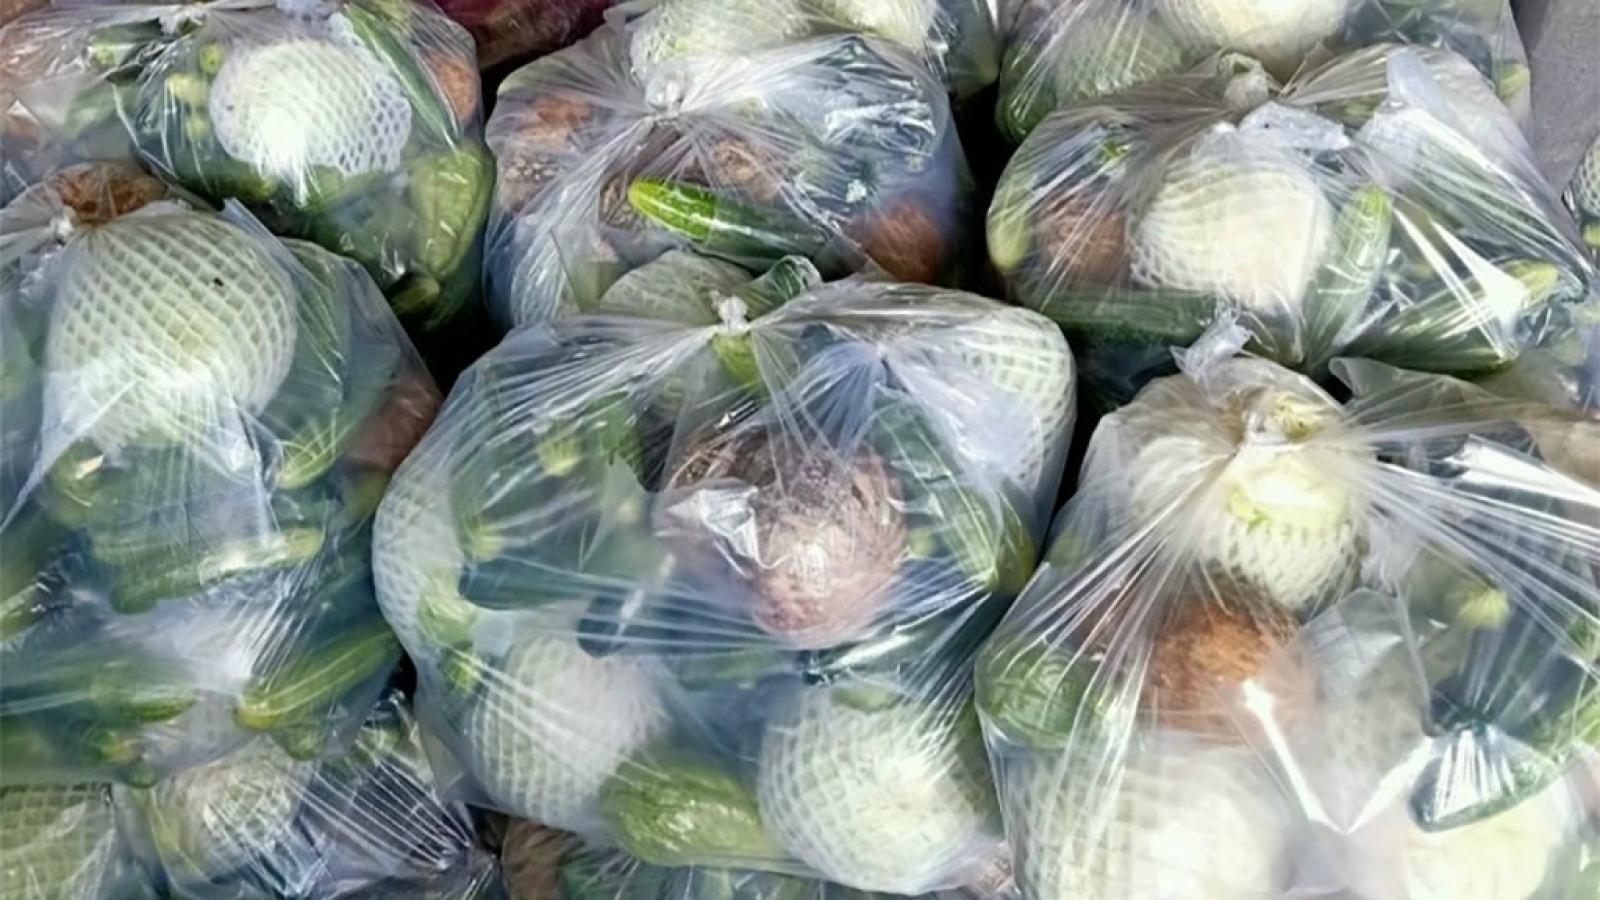 Người dân TP.HCM, Bình Dương mua hàng chục nghìn gói combo nông sản mỗi ngày